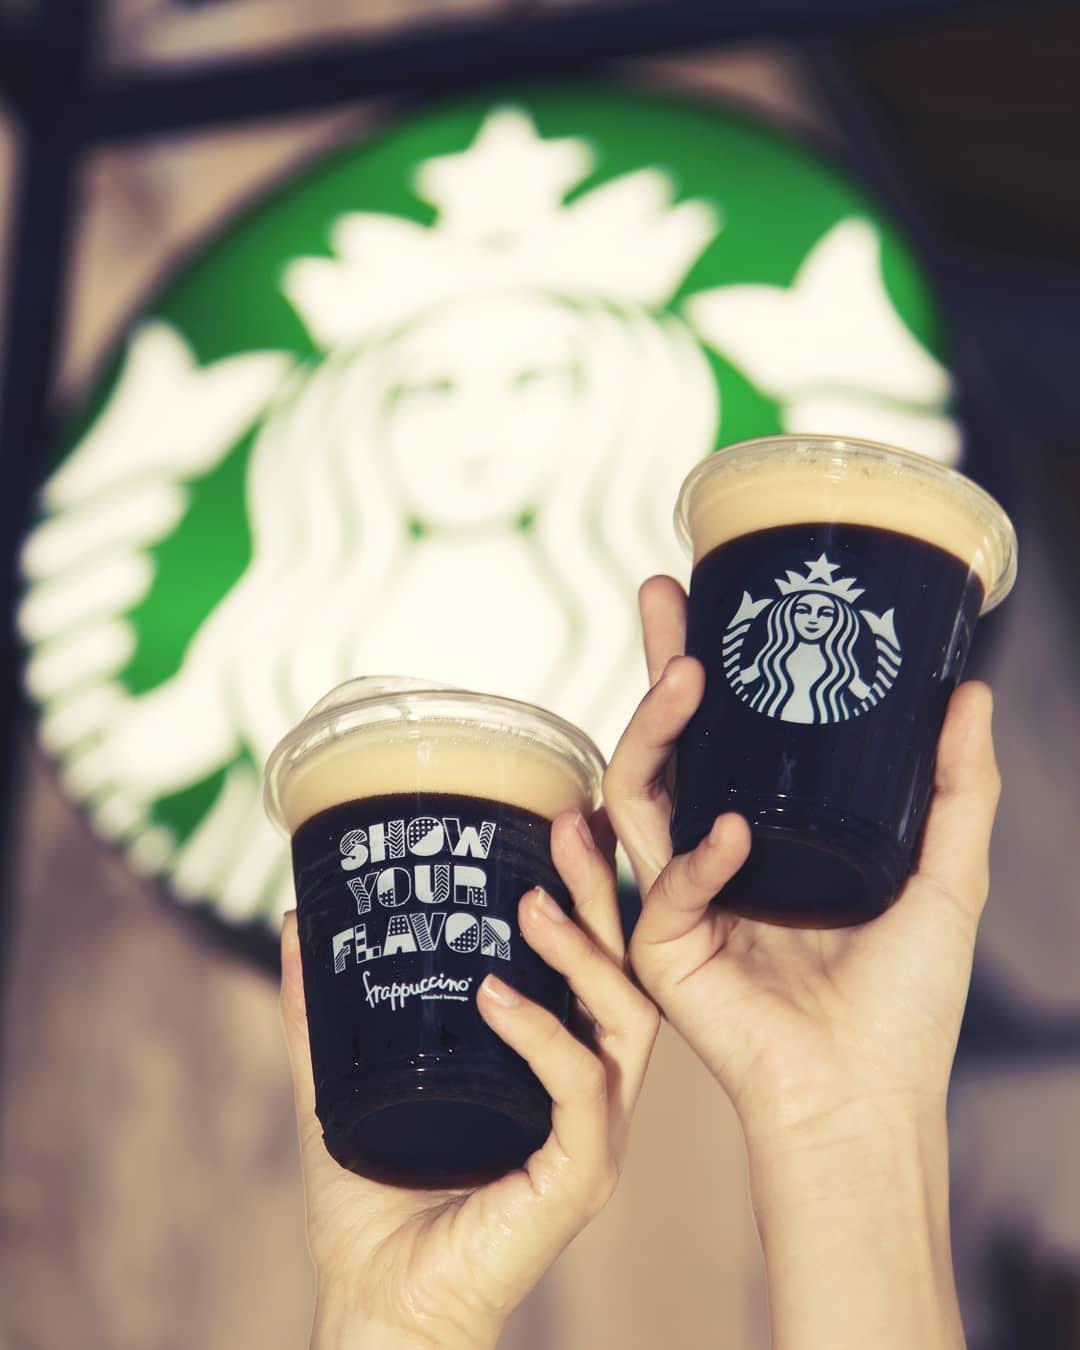 圖/取自台灣星巴克 Starbucks Taiwan instangram